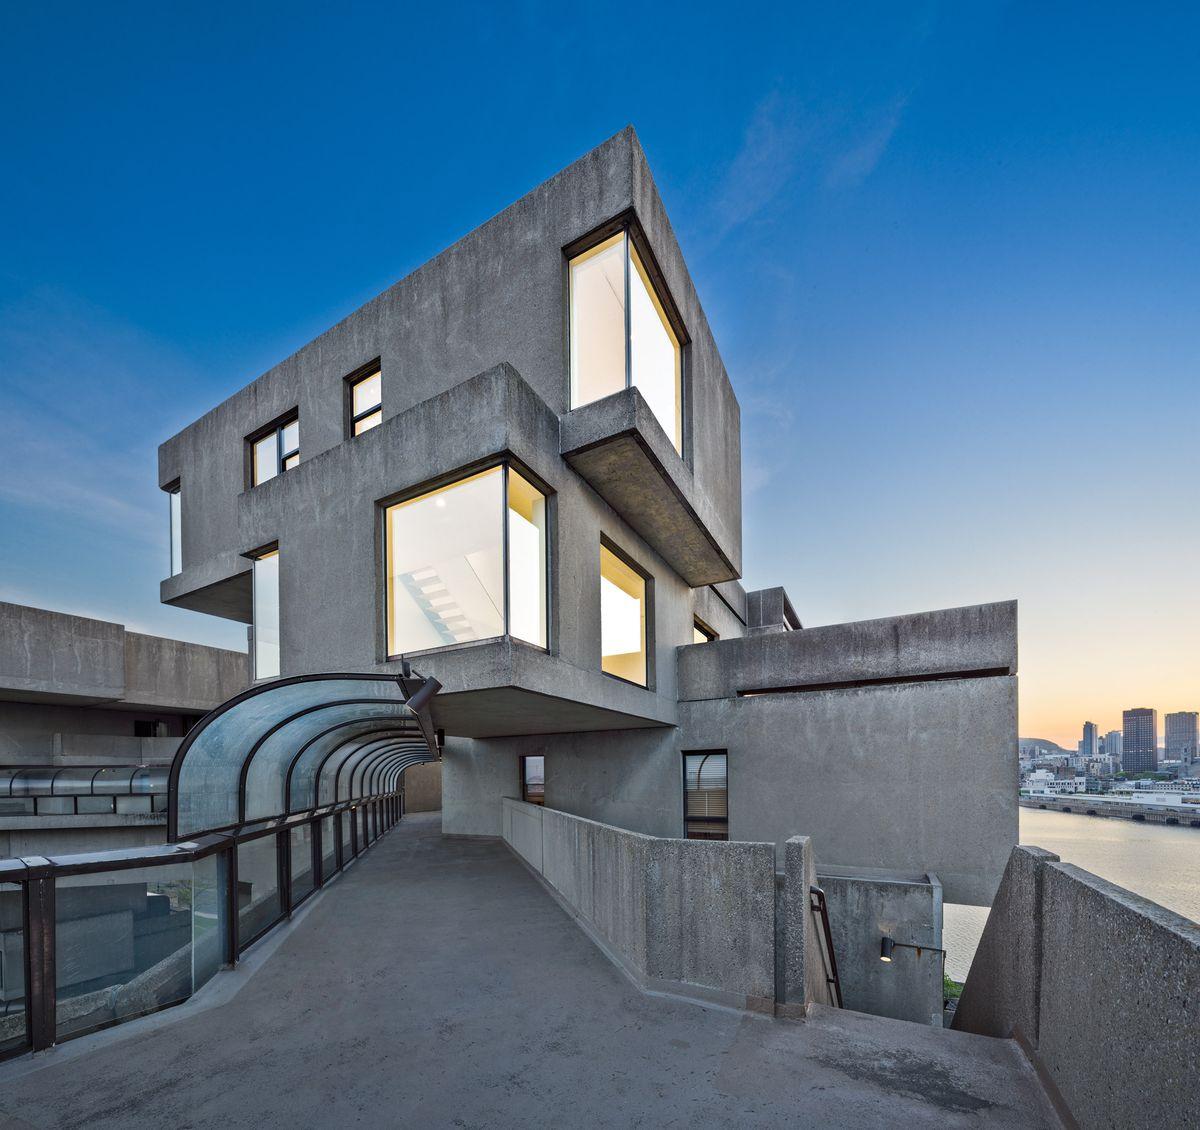 Concrete building with terrace